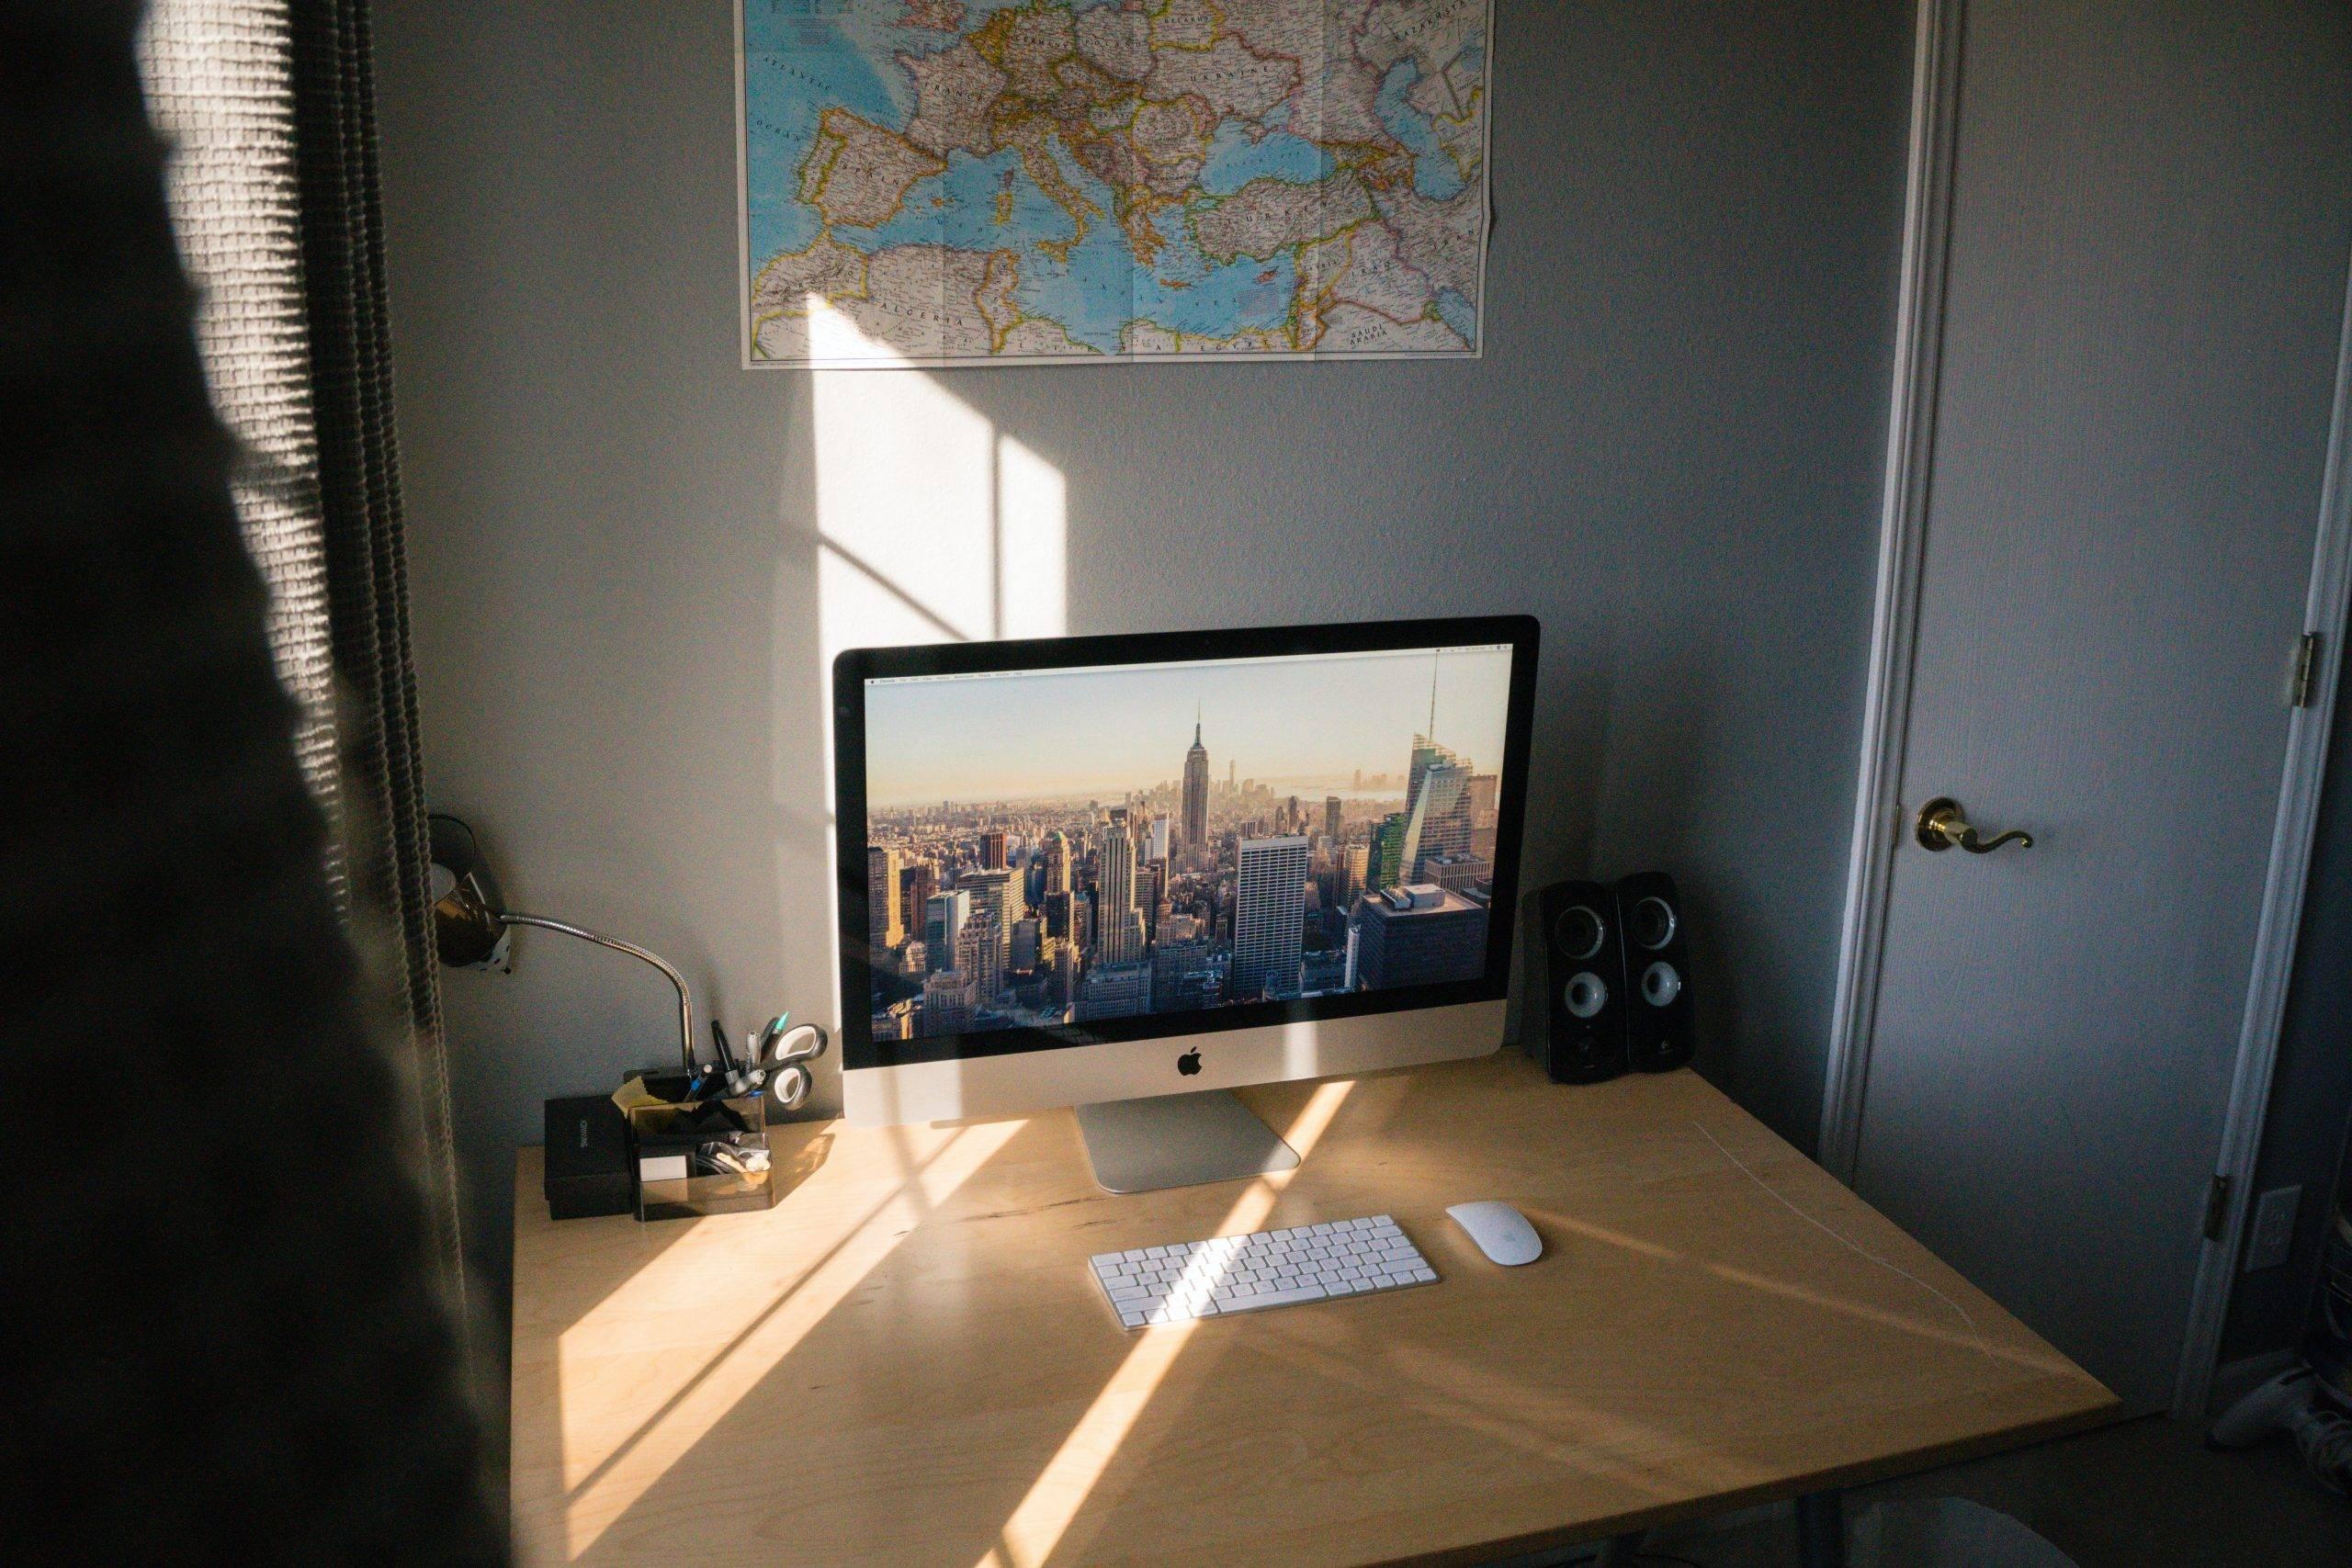 iMacの地震対策は耐震マットがおすすめ